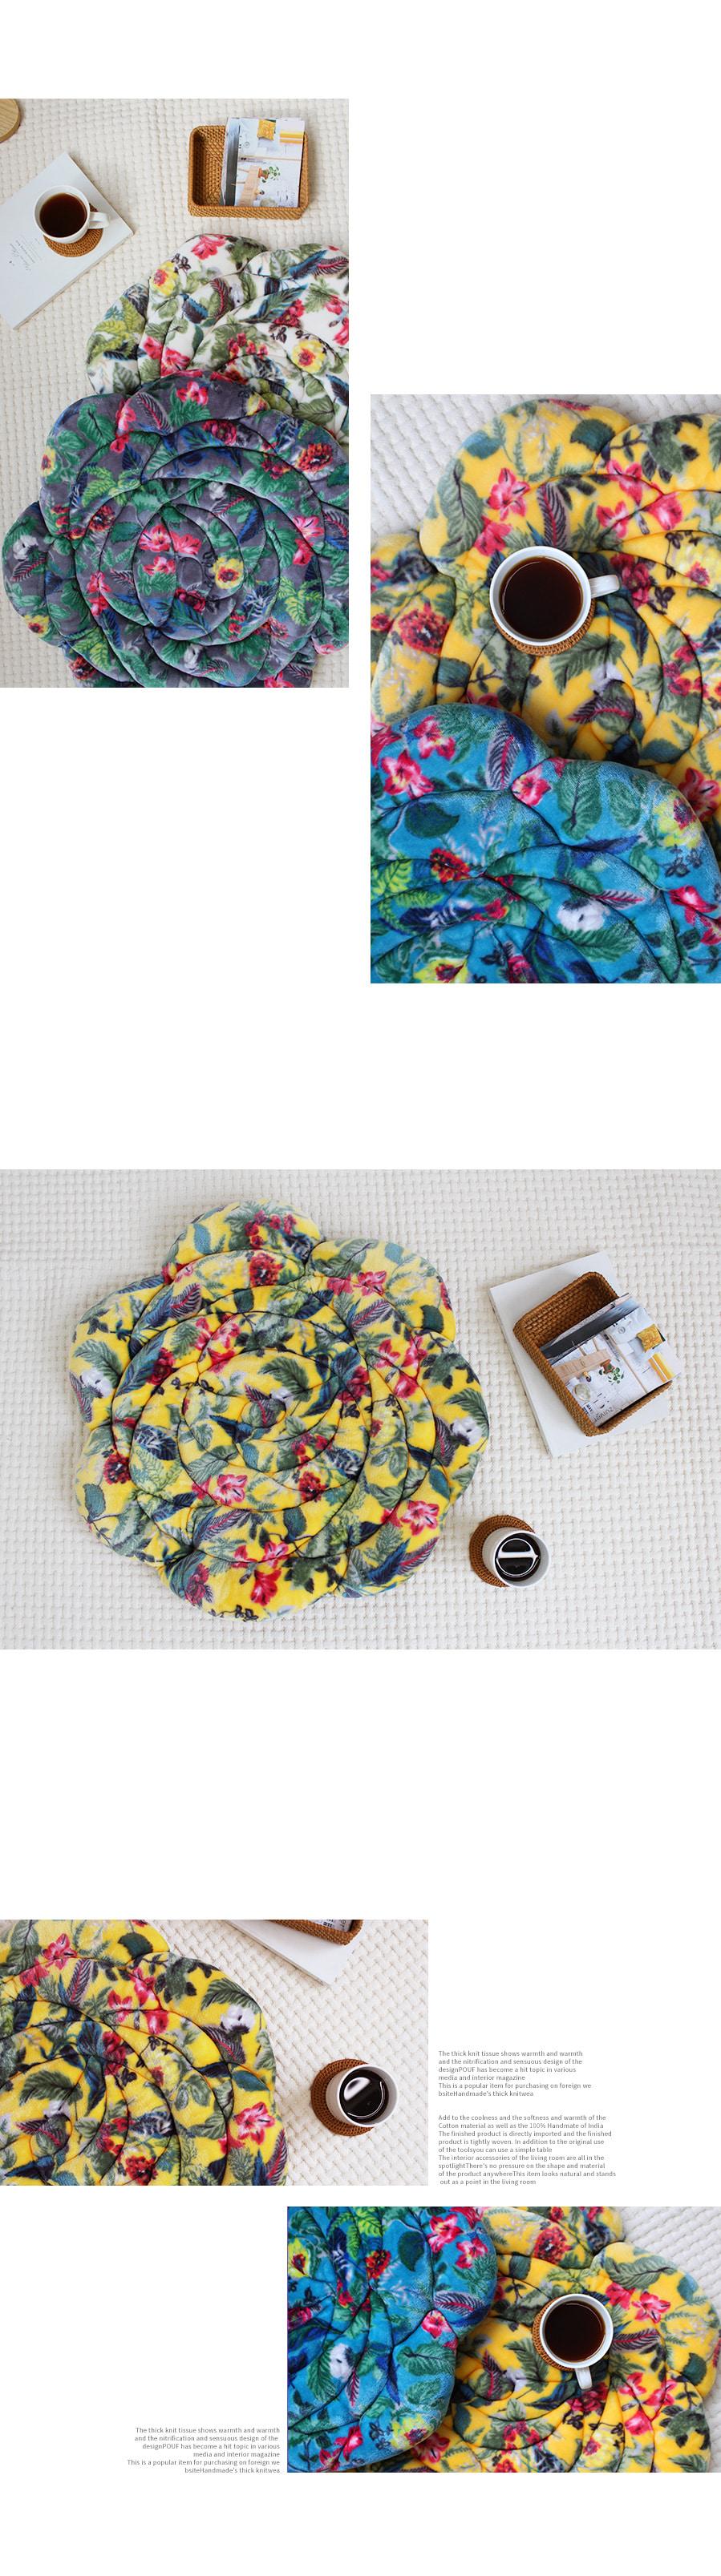 레트로 플라워 극세사방석 - 옐로우 - 아카시아, 38,000원, 방석, 패턴